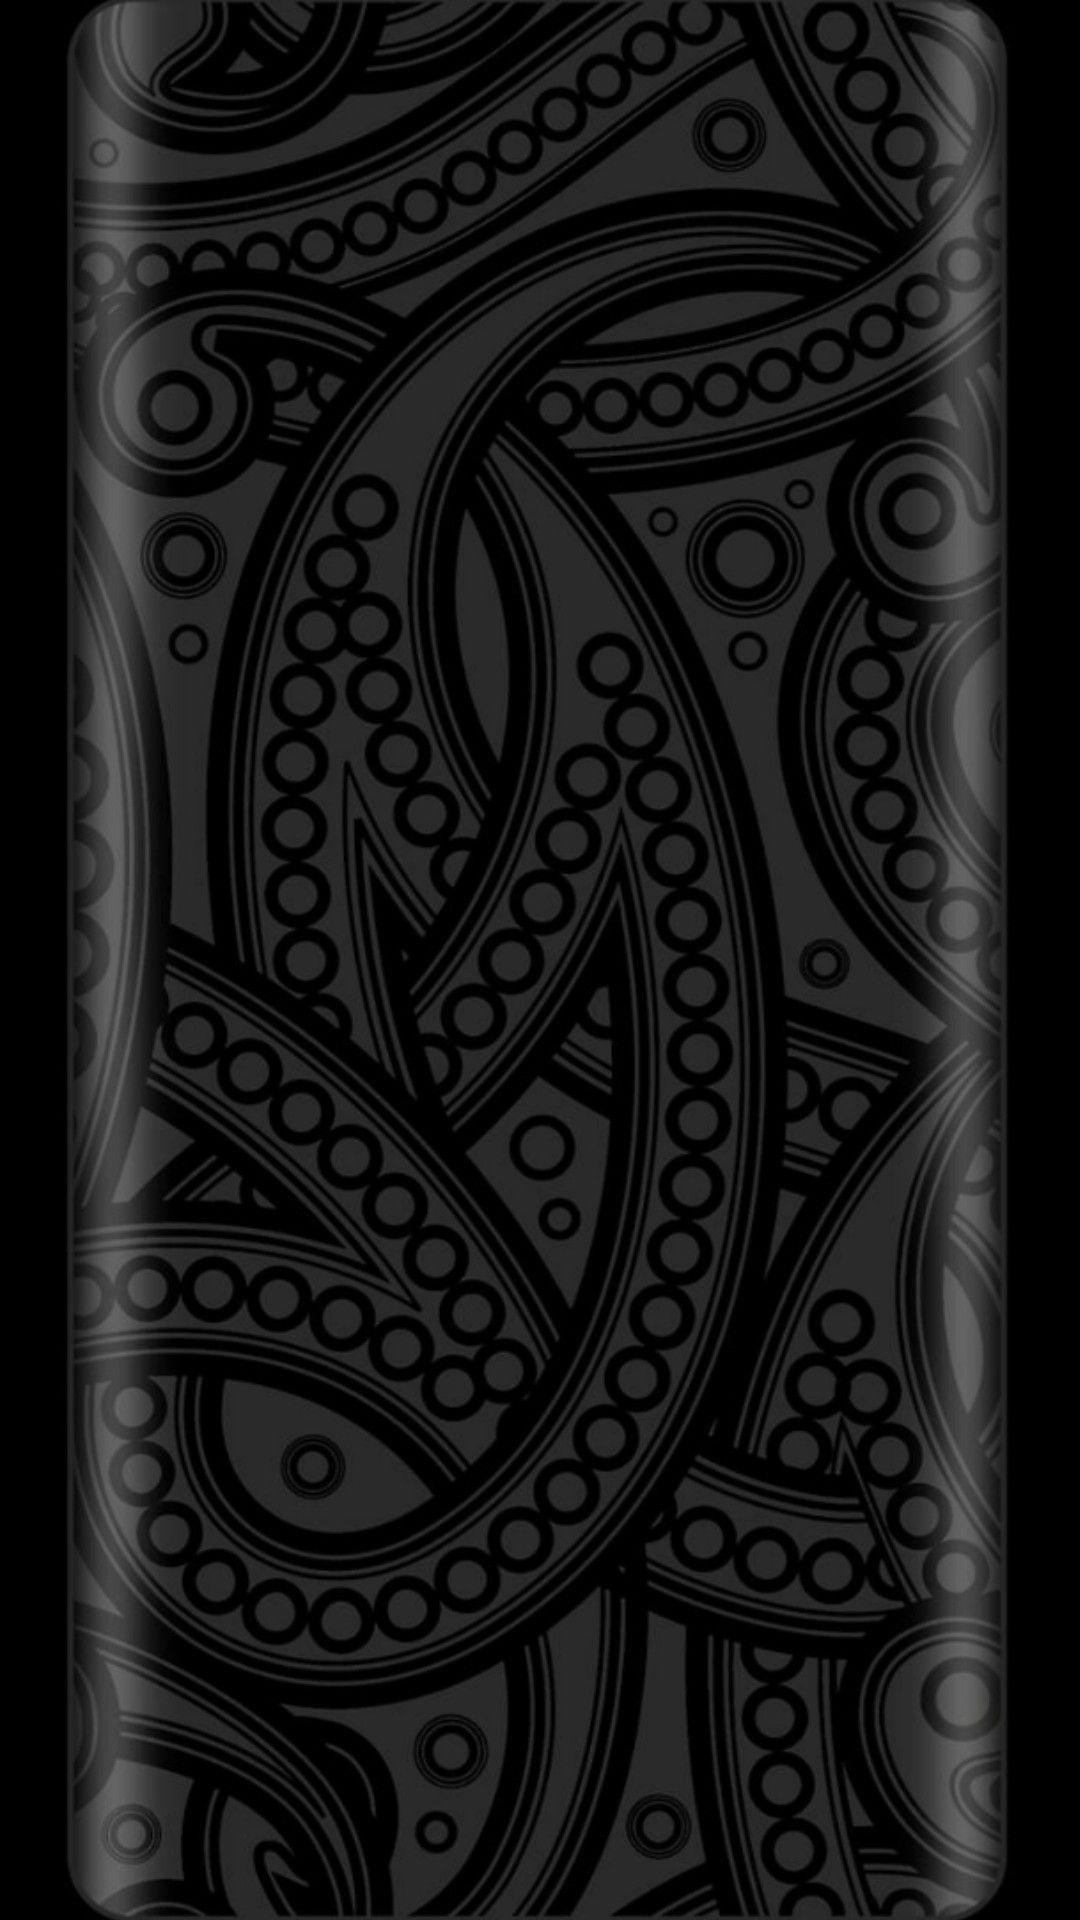 Wallpaper Cellphone Wallpaper Samsung Wallpaper Android Wallpaper